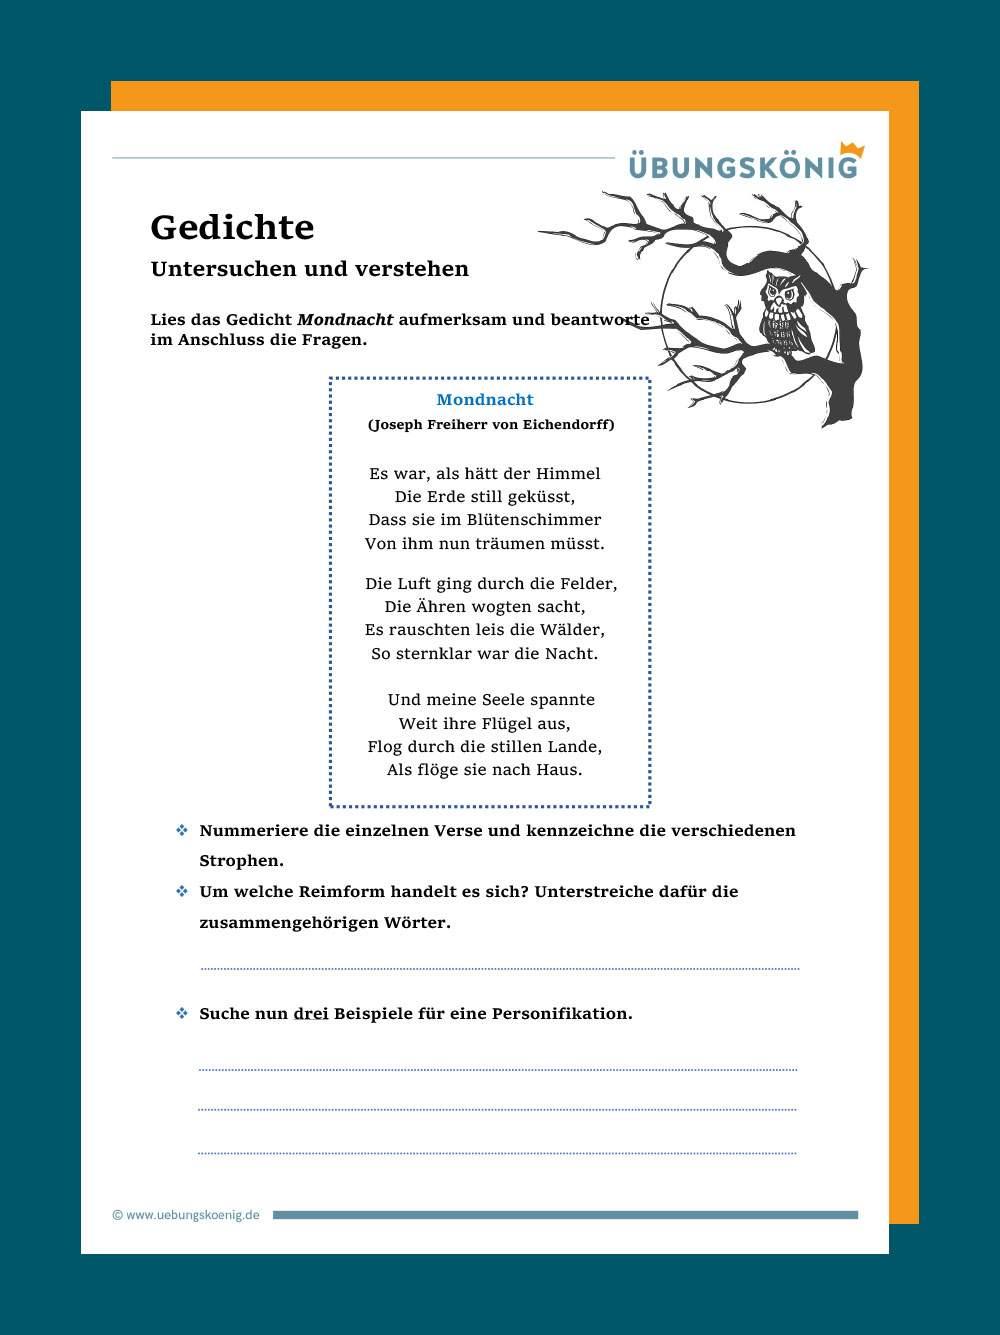 Eine Gedichtanalyse Schreiben Methoden Online Kurse 15